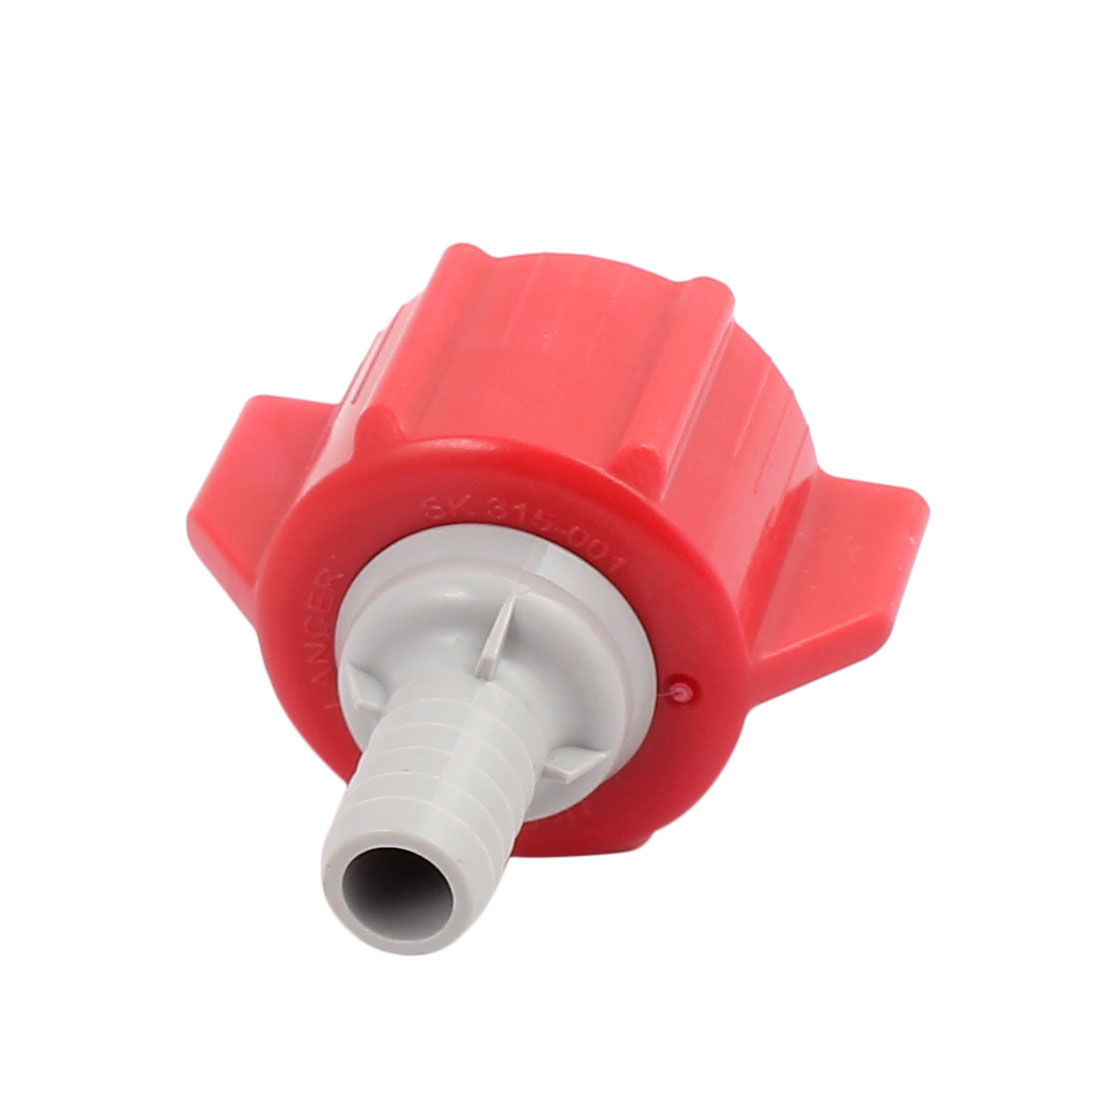 """Connecteur 3/8"""" rouge PT boisson gazeuse Coca Cola Sirop BIB Pack - image 2 de 2"""